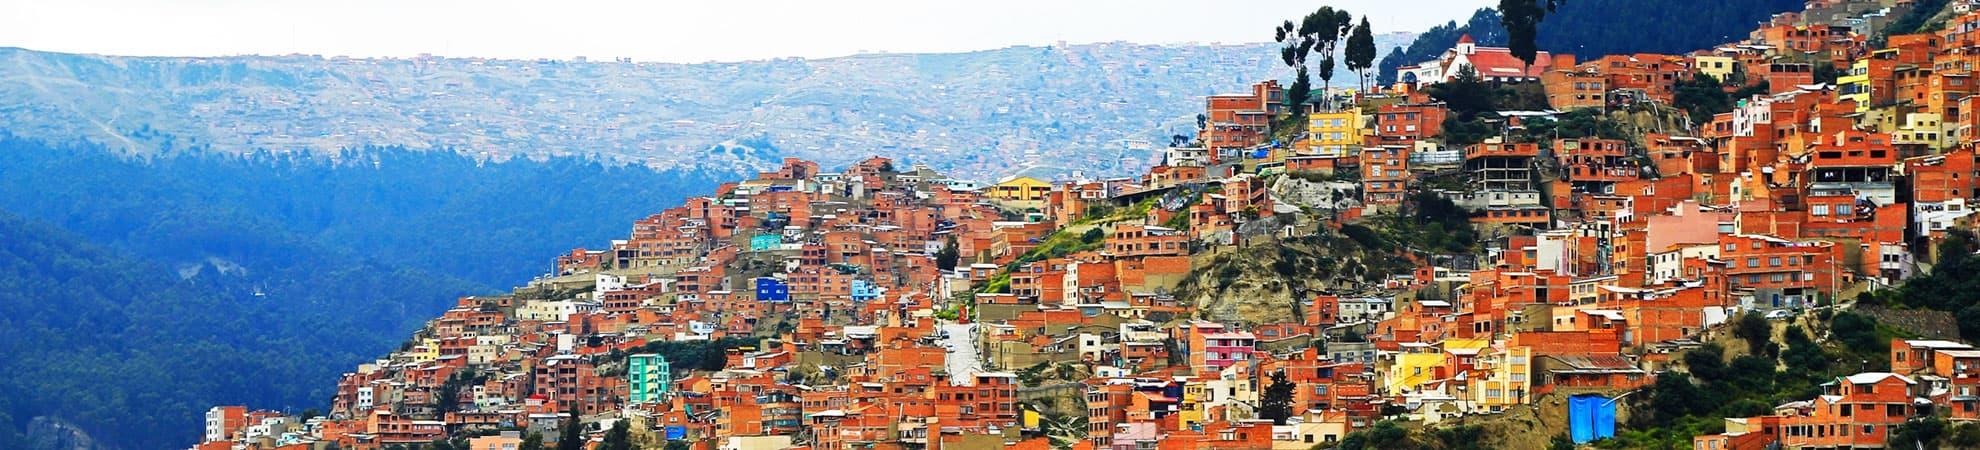 Voyage La Paz